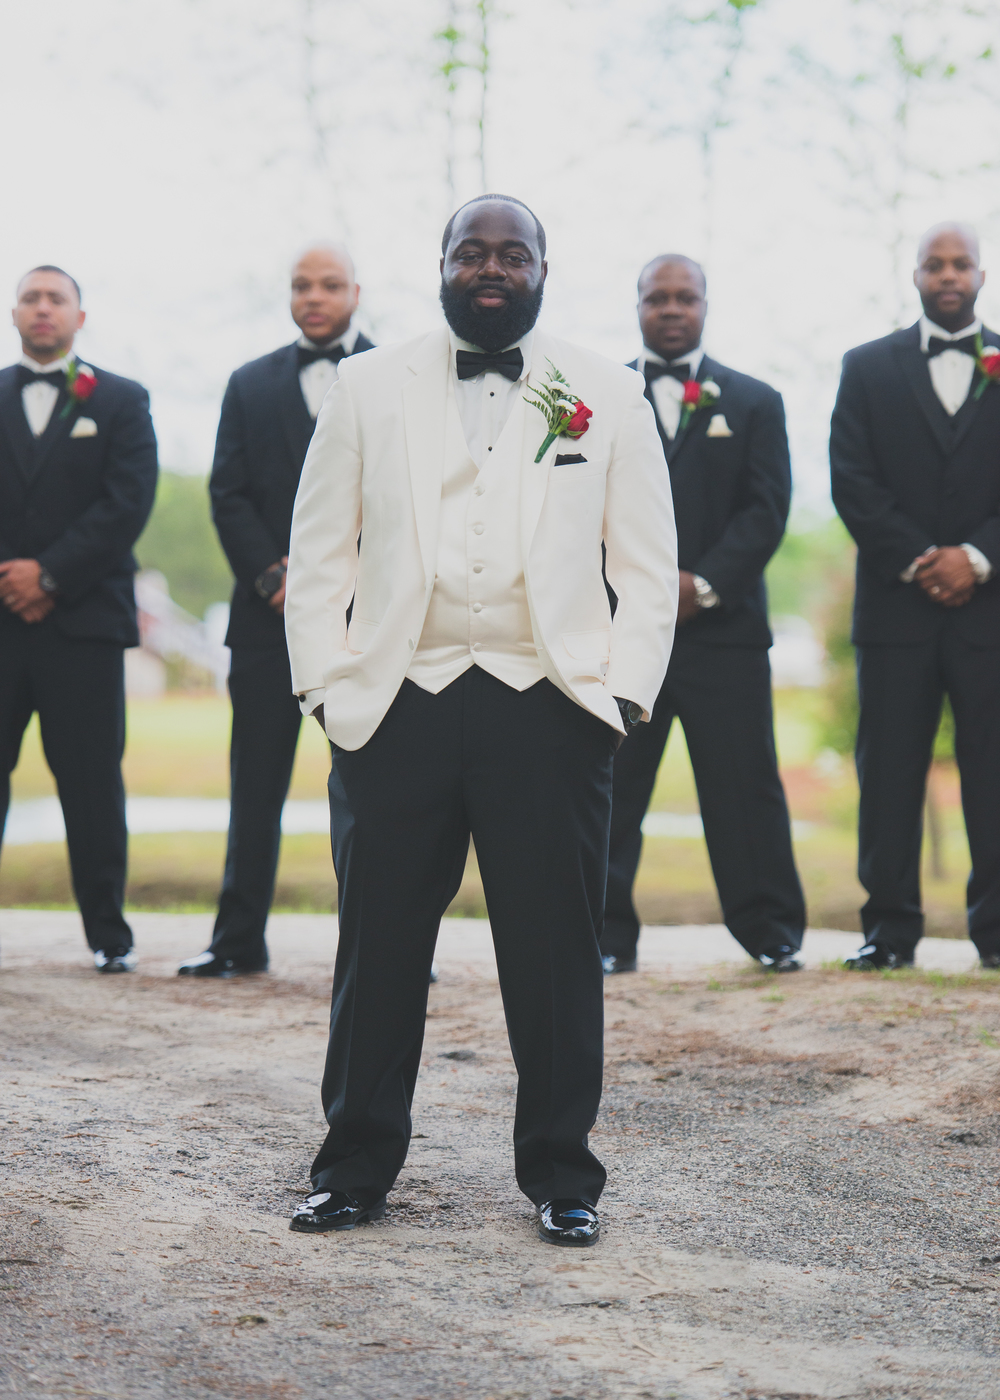 The Bells Hidden Acres Wedding Party and Family Formals Groomsmen-39.jpg